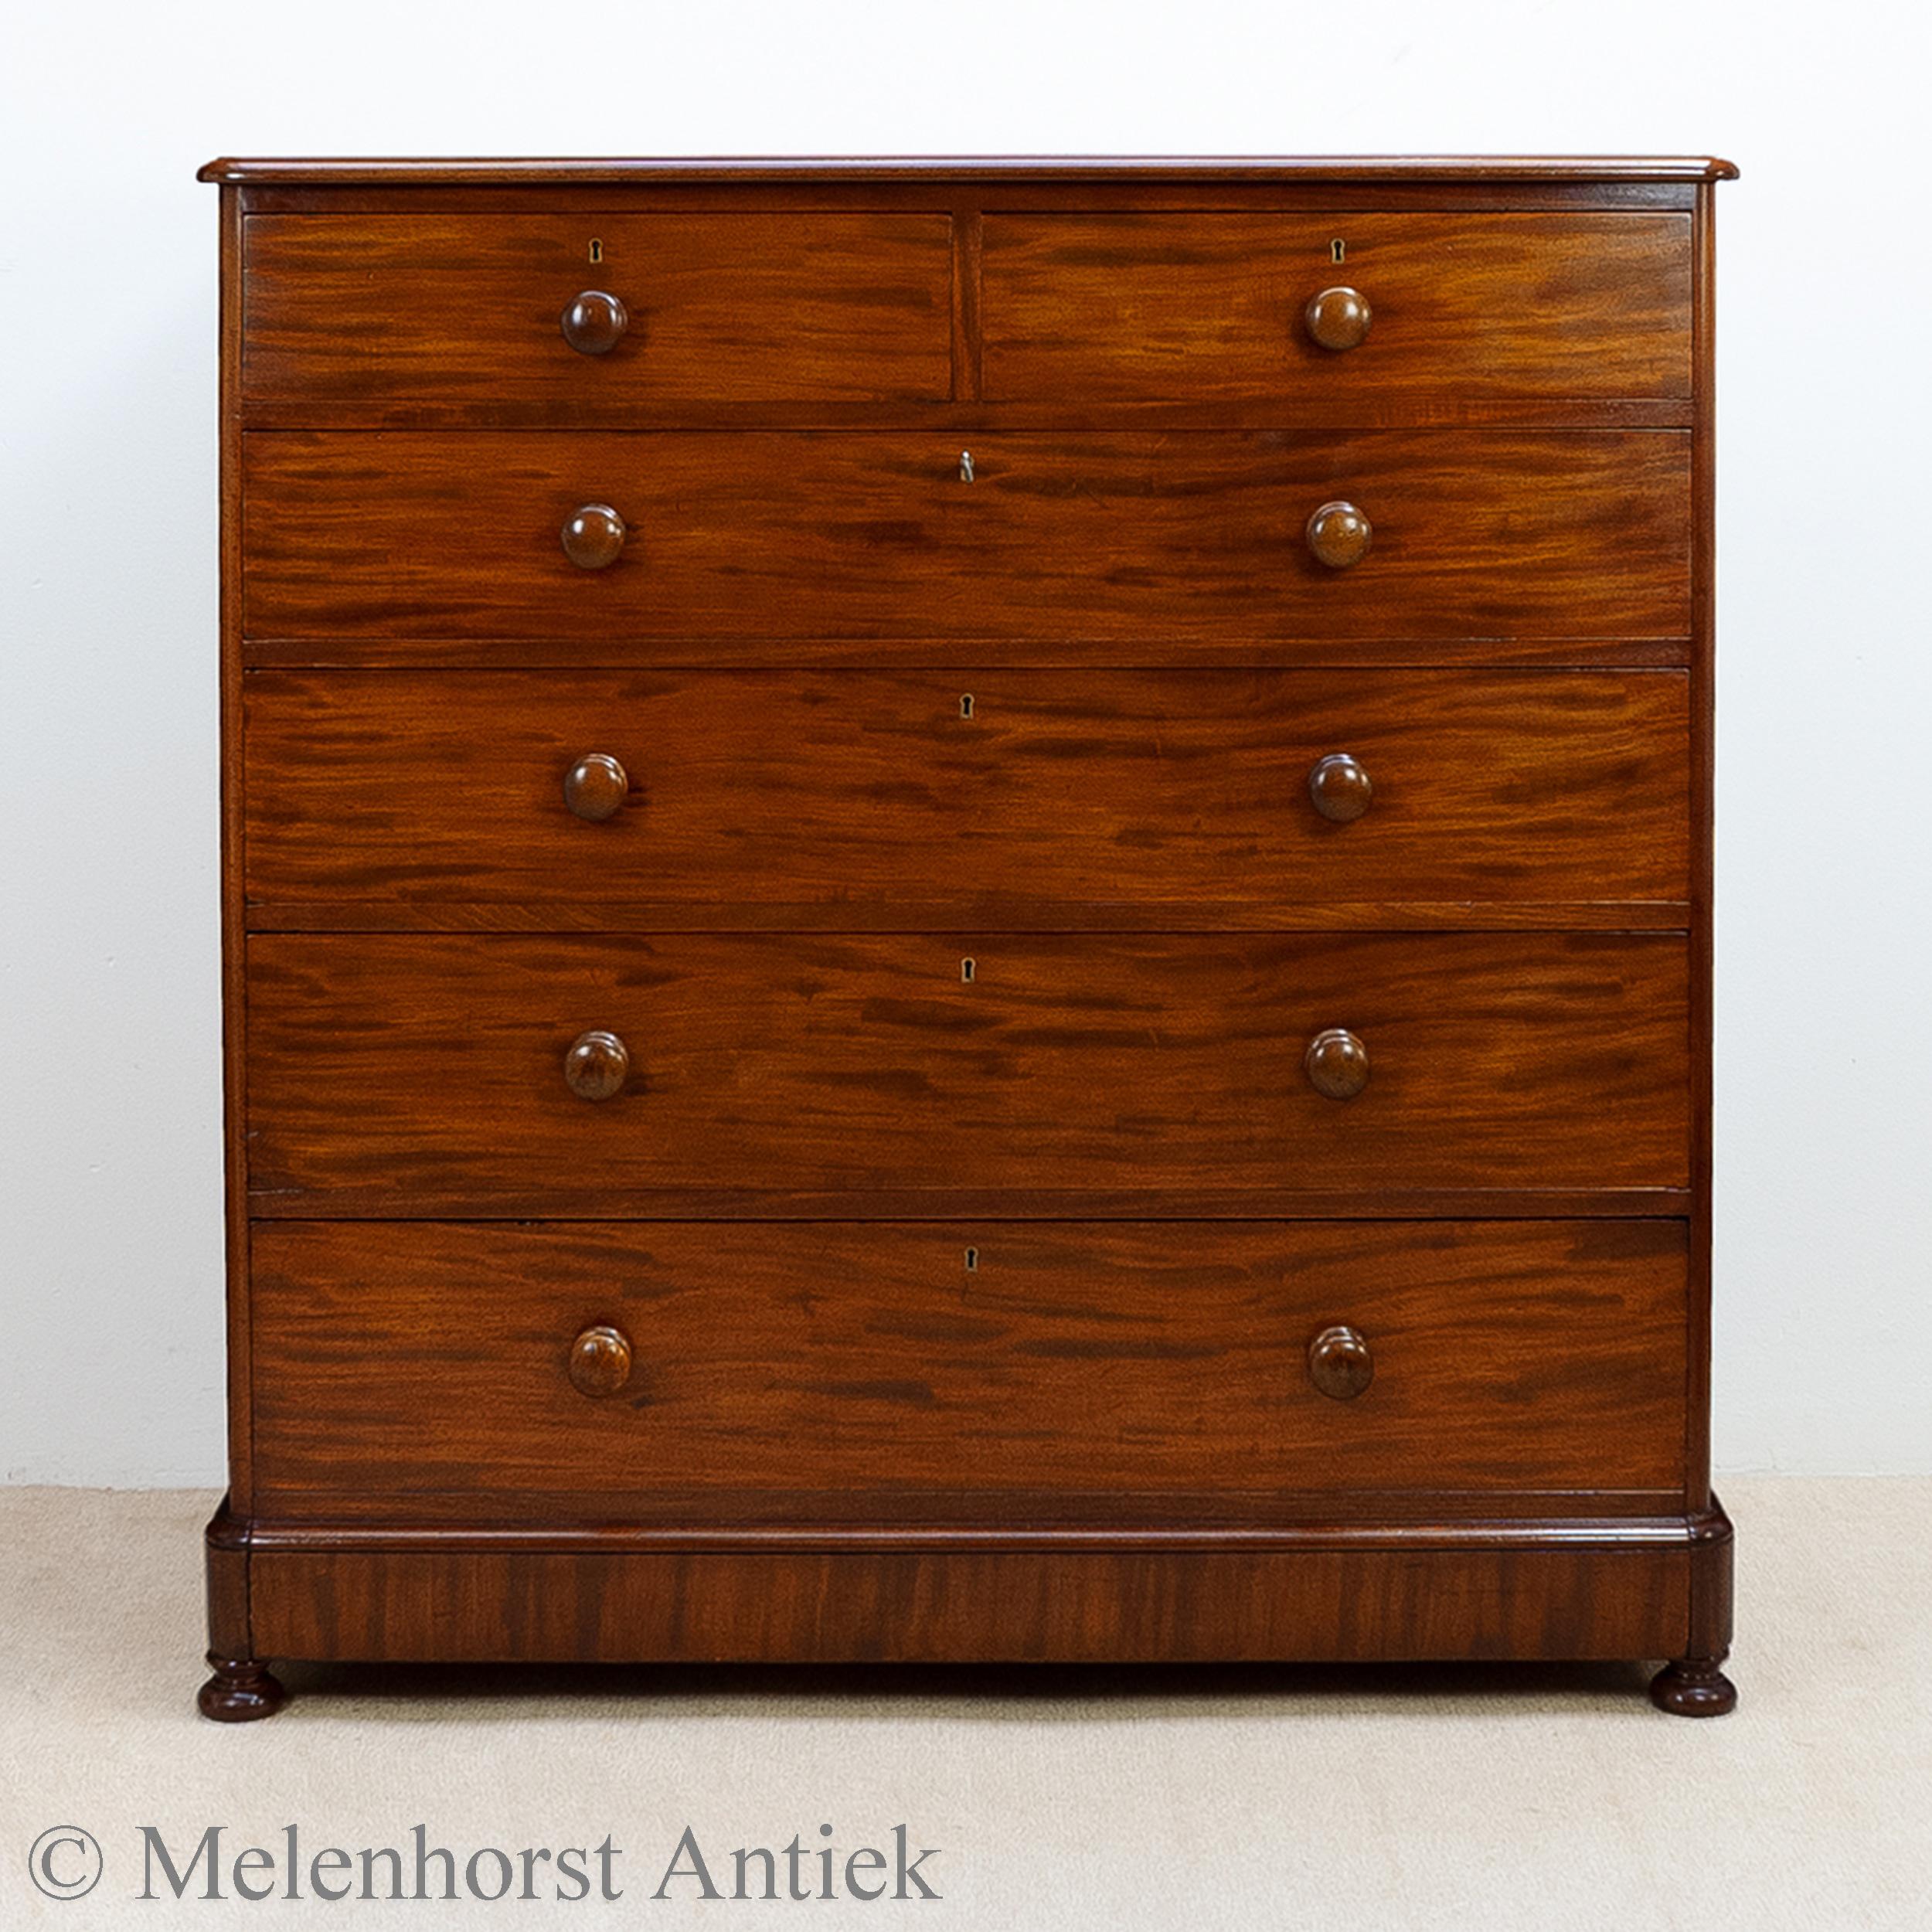 Mahoniehouten chest of drawers